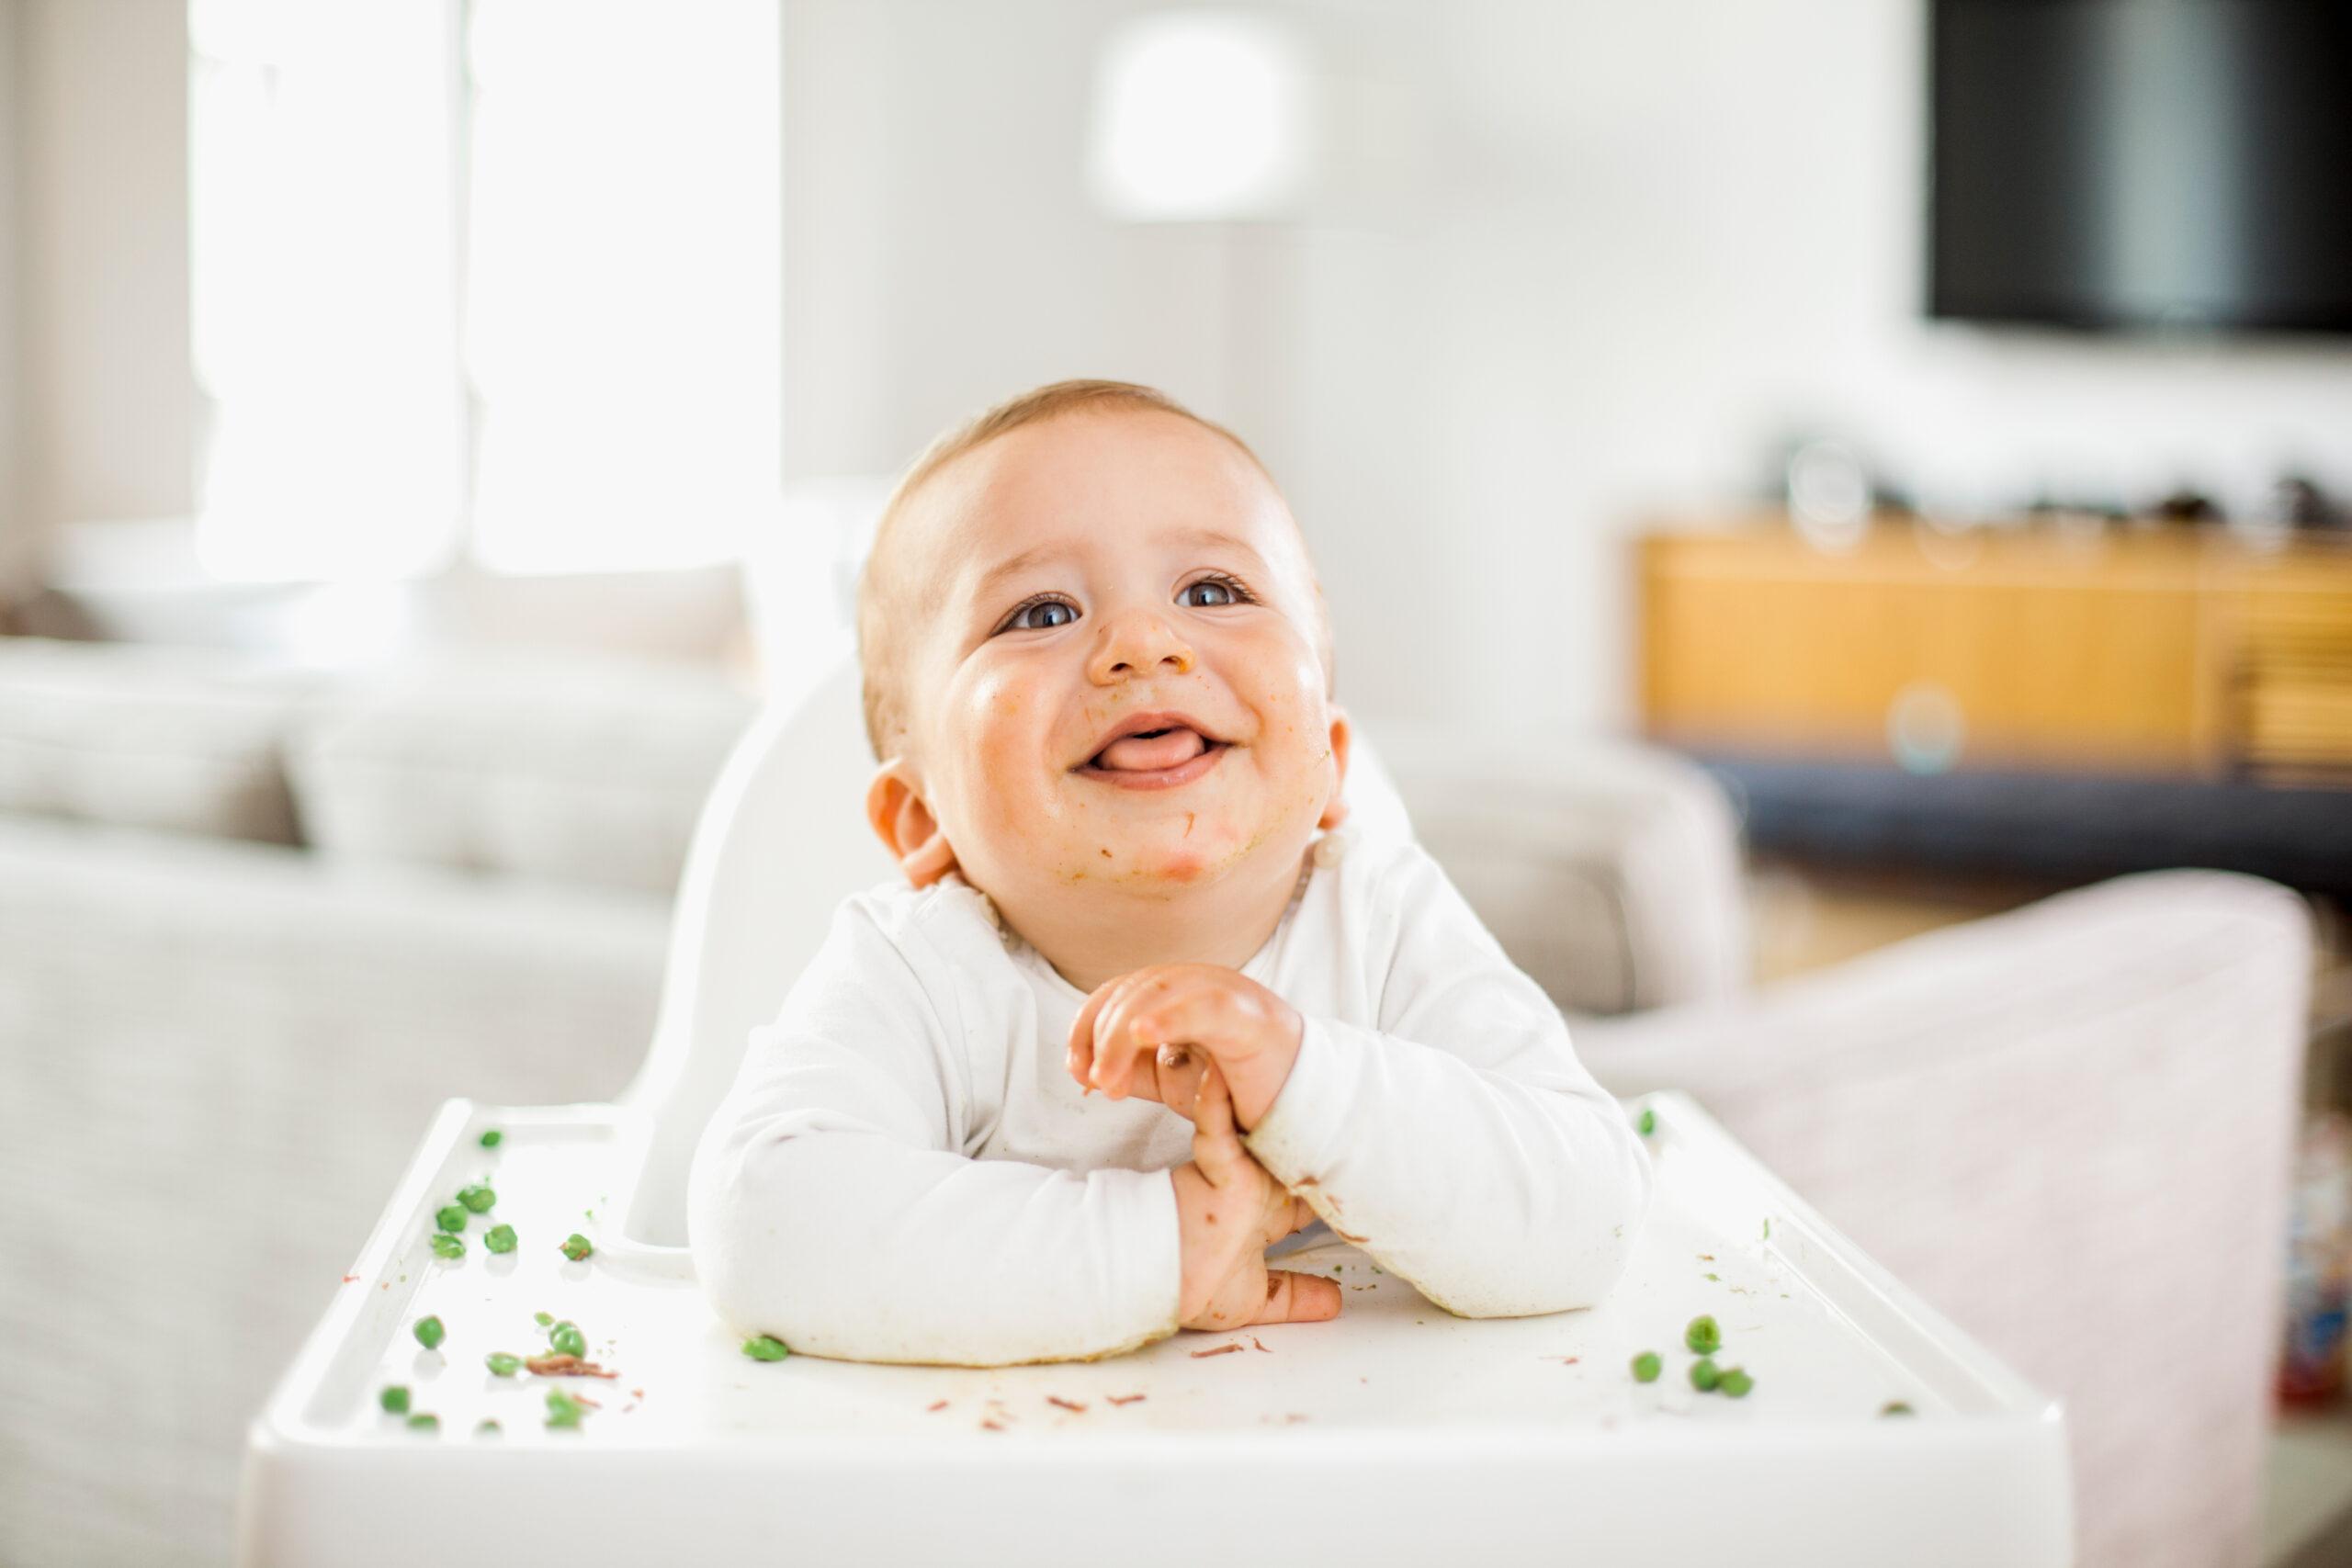 5 Τρόποι να ενθαρρύνεις το παιδί σου να αρχίζει να τρώει μόνο του